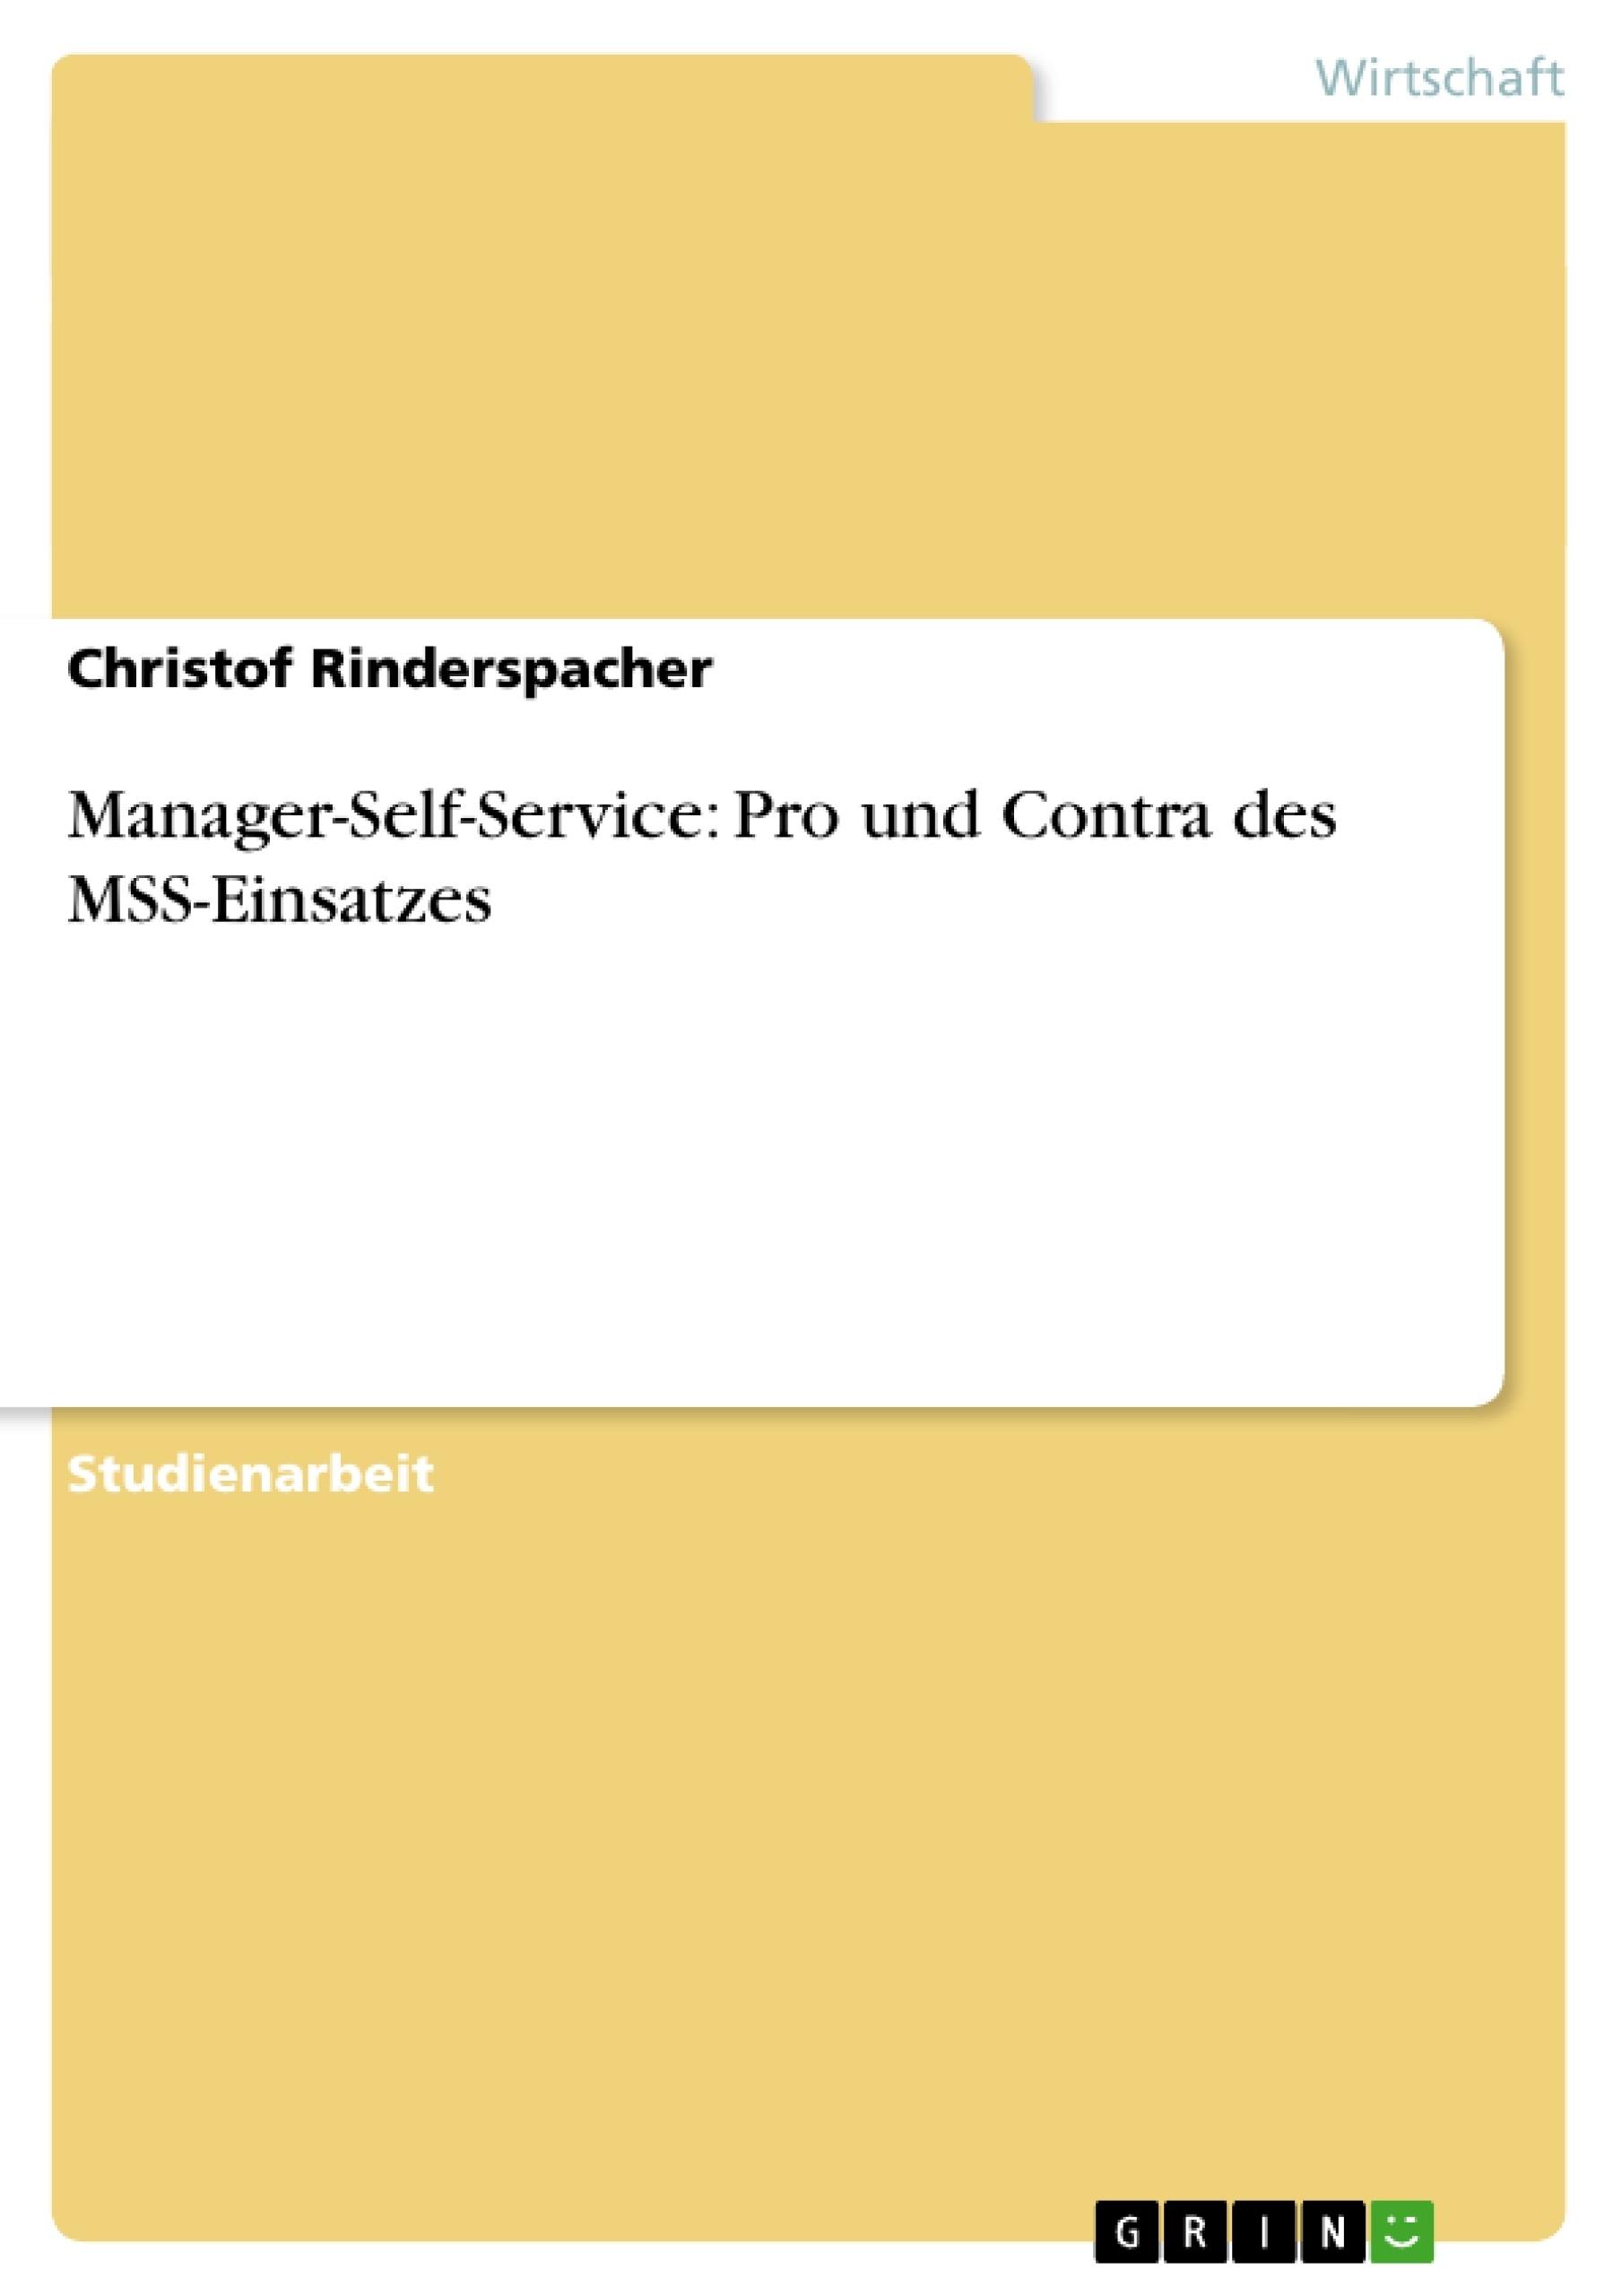 Titel: Manager-Self-Service: Pro und Contra des MSS-Einsatzes